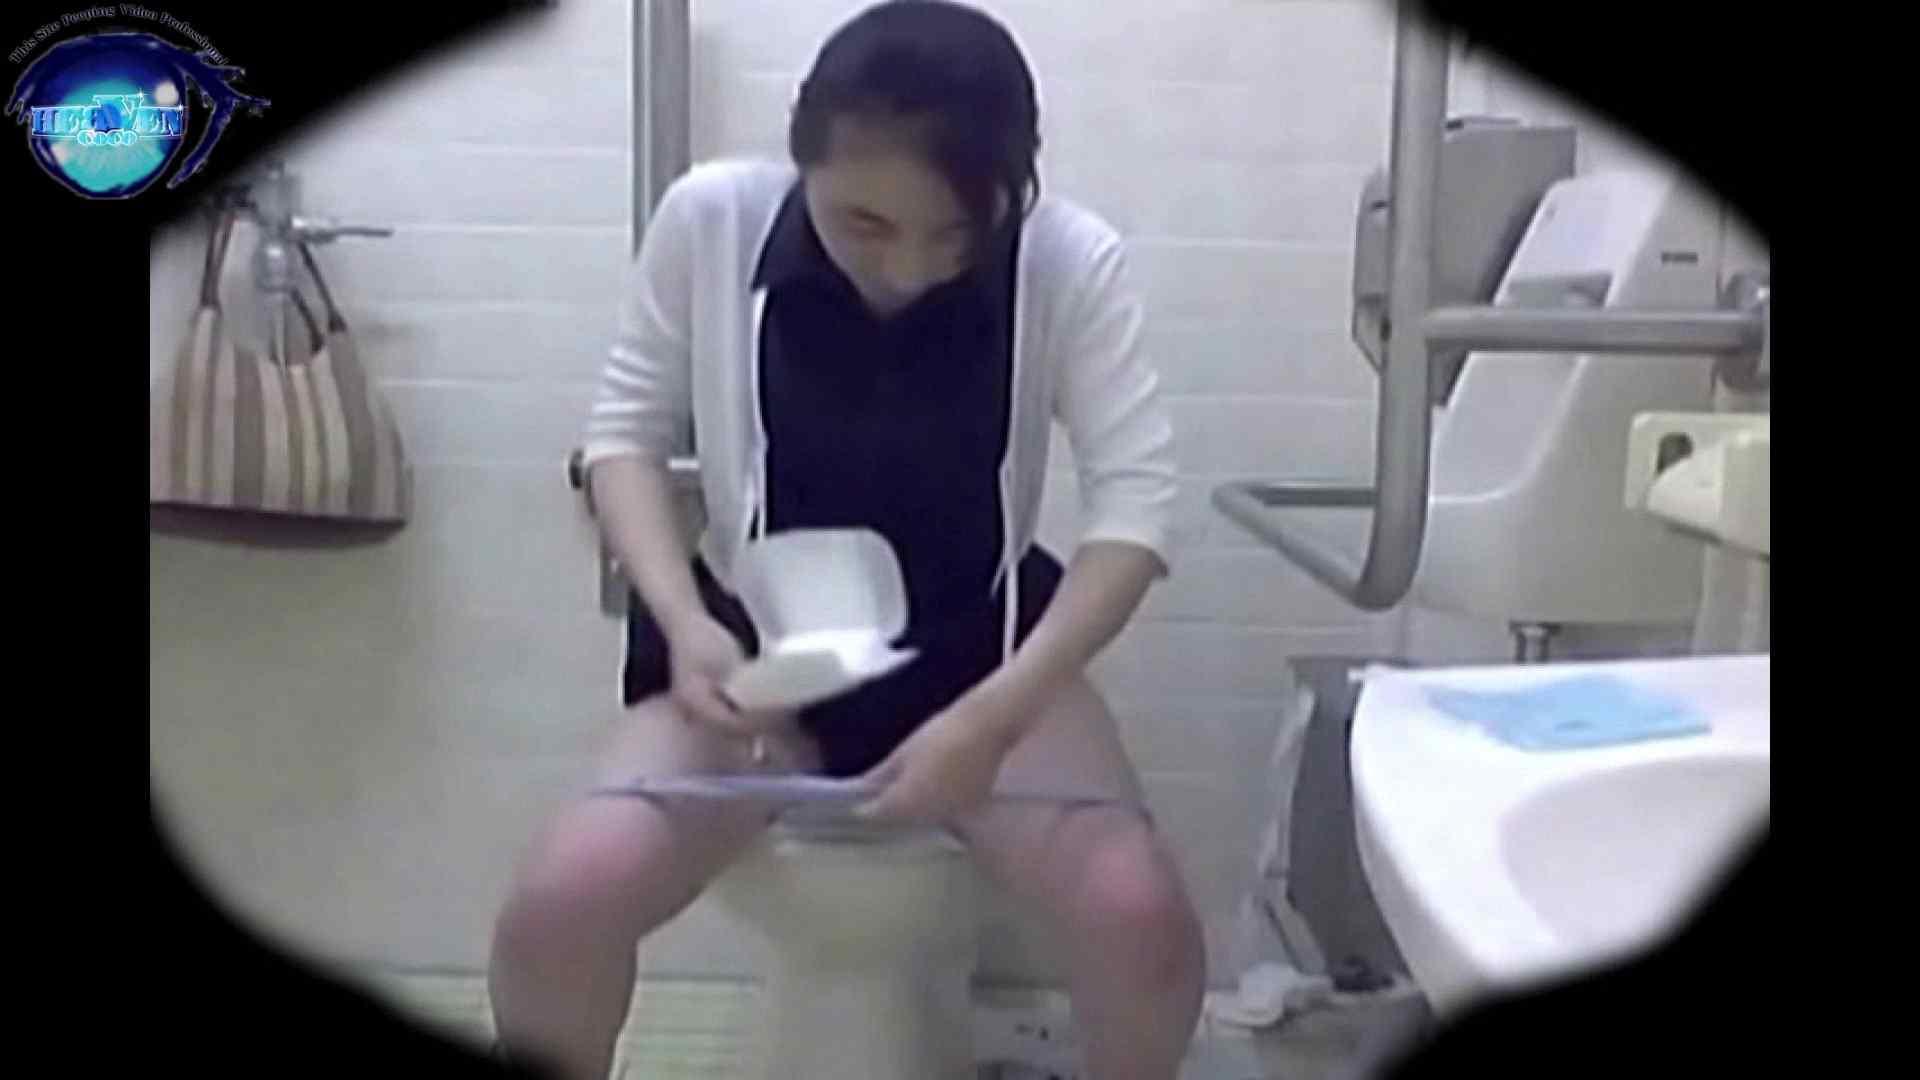 teen galトイレ覗き紙がナイ編‼vol.14 覗き  55連発 48